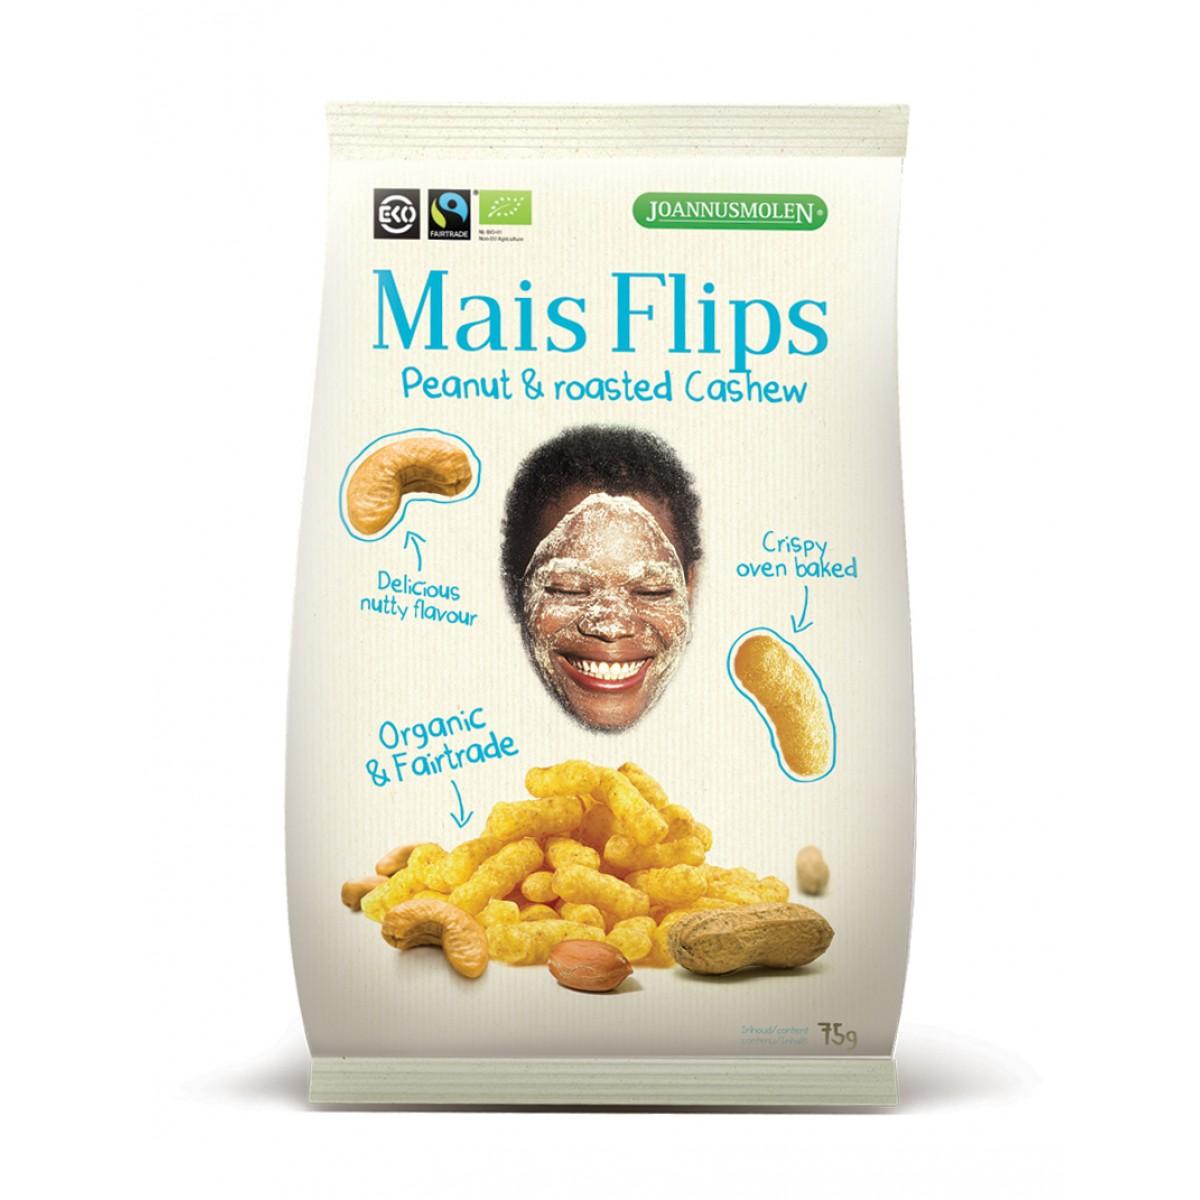 Mais Flips Peanut & Roasted Cashew